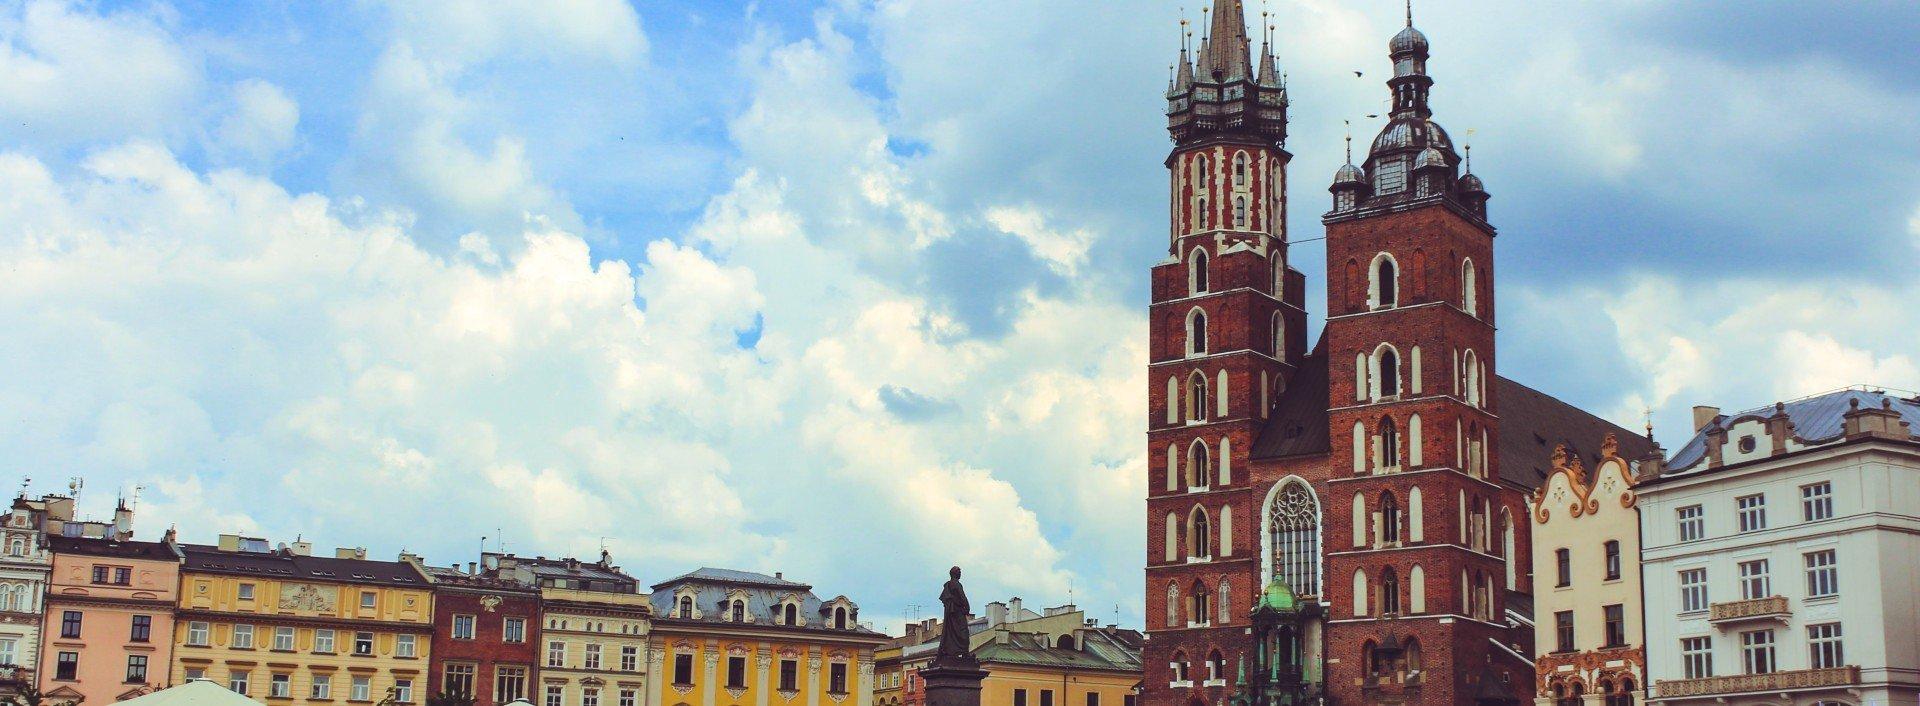 Polnische Lehnwörter auf Englisch: Der Stadtplatz und die Kirche in Krakau, Polen, sind an einem sonnigen Tag abgebildet.